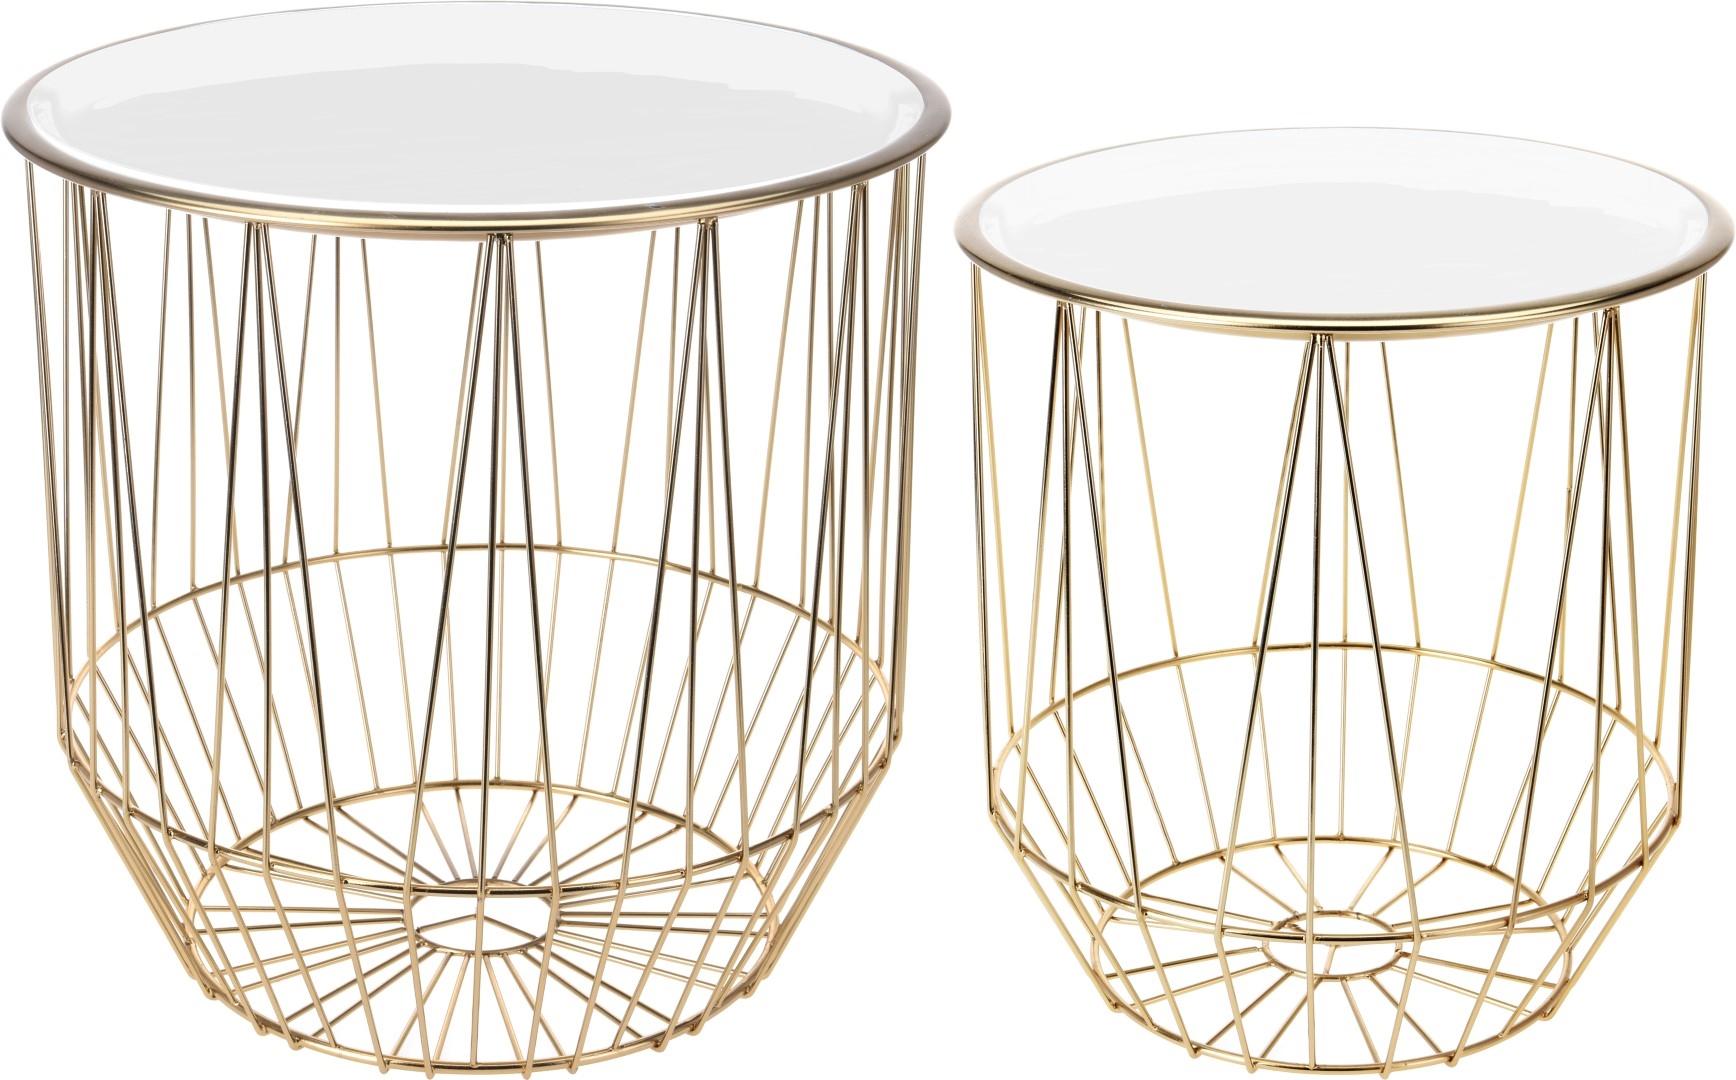 Konferenční stolky Glamor, sada 2 ks, zlatá/bílá